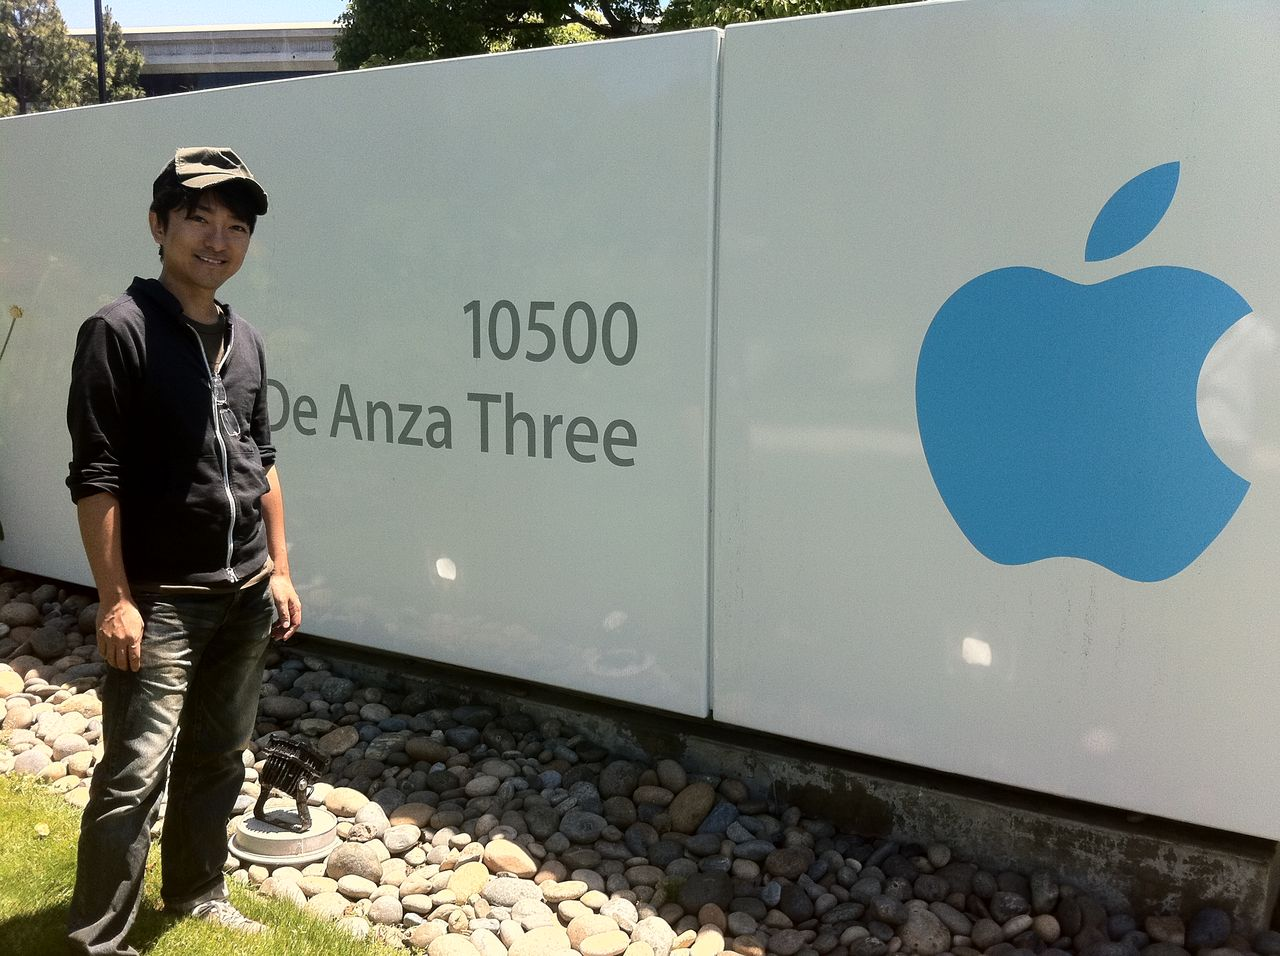 33f63f67.jpg - 米Apple社、Google訪問